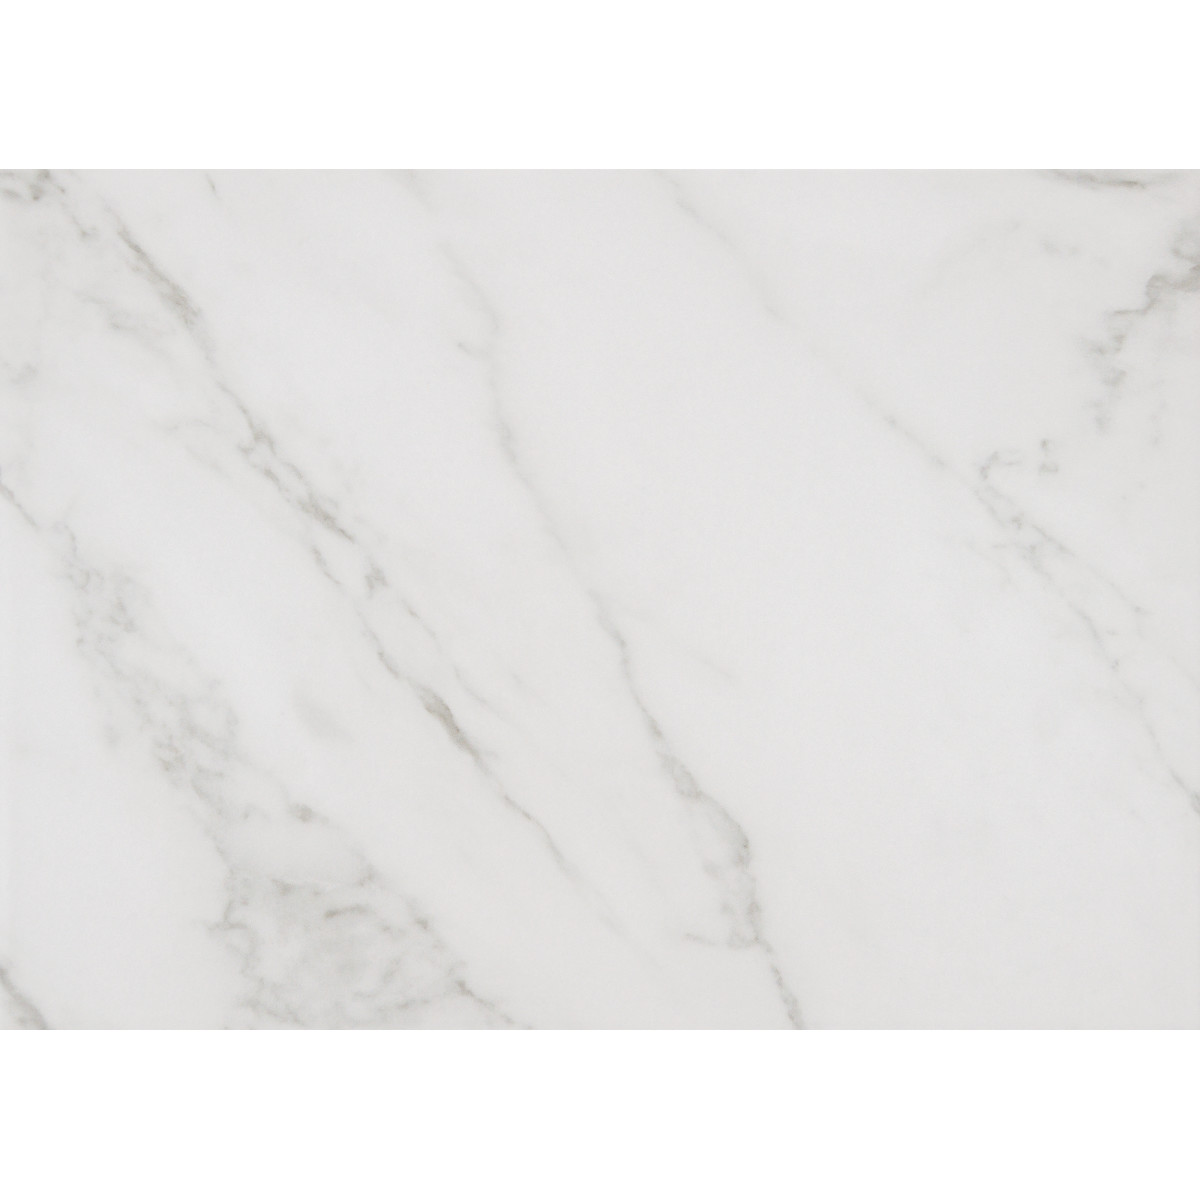 Плитка настенная Marble 25х35 см 1.4 м² цвет белый